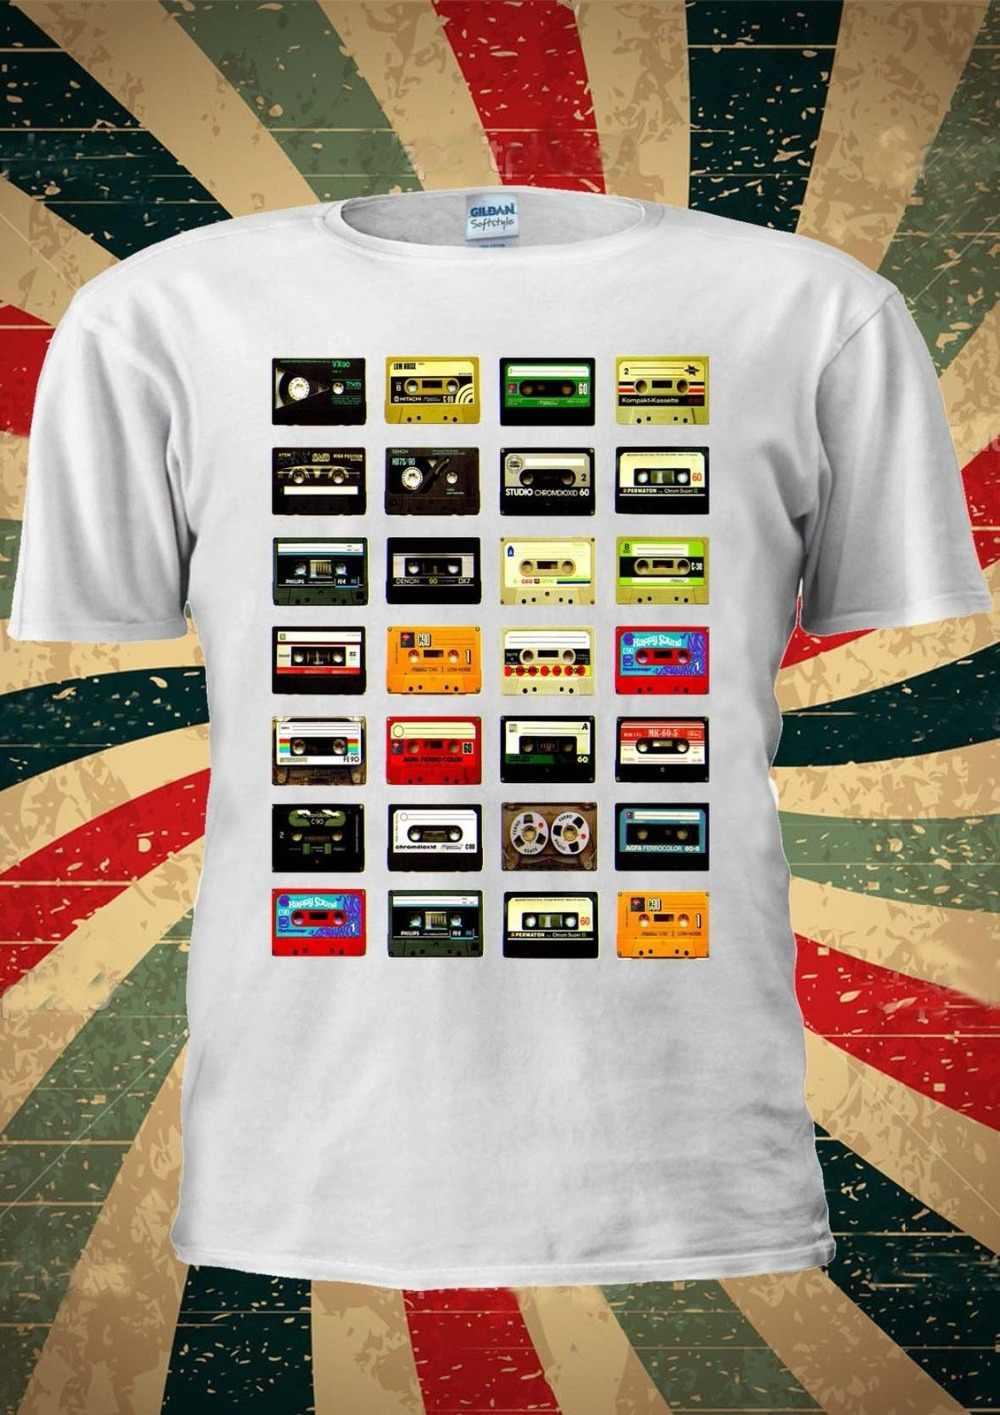 Casette/Новинка 2019 года; модные мужские футболки в винтажном стиле с изображением героев мультфильмов; коллекция 70-80 лет; Casete